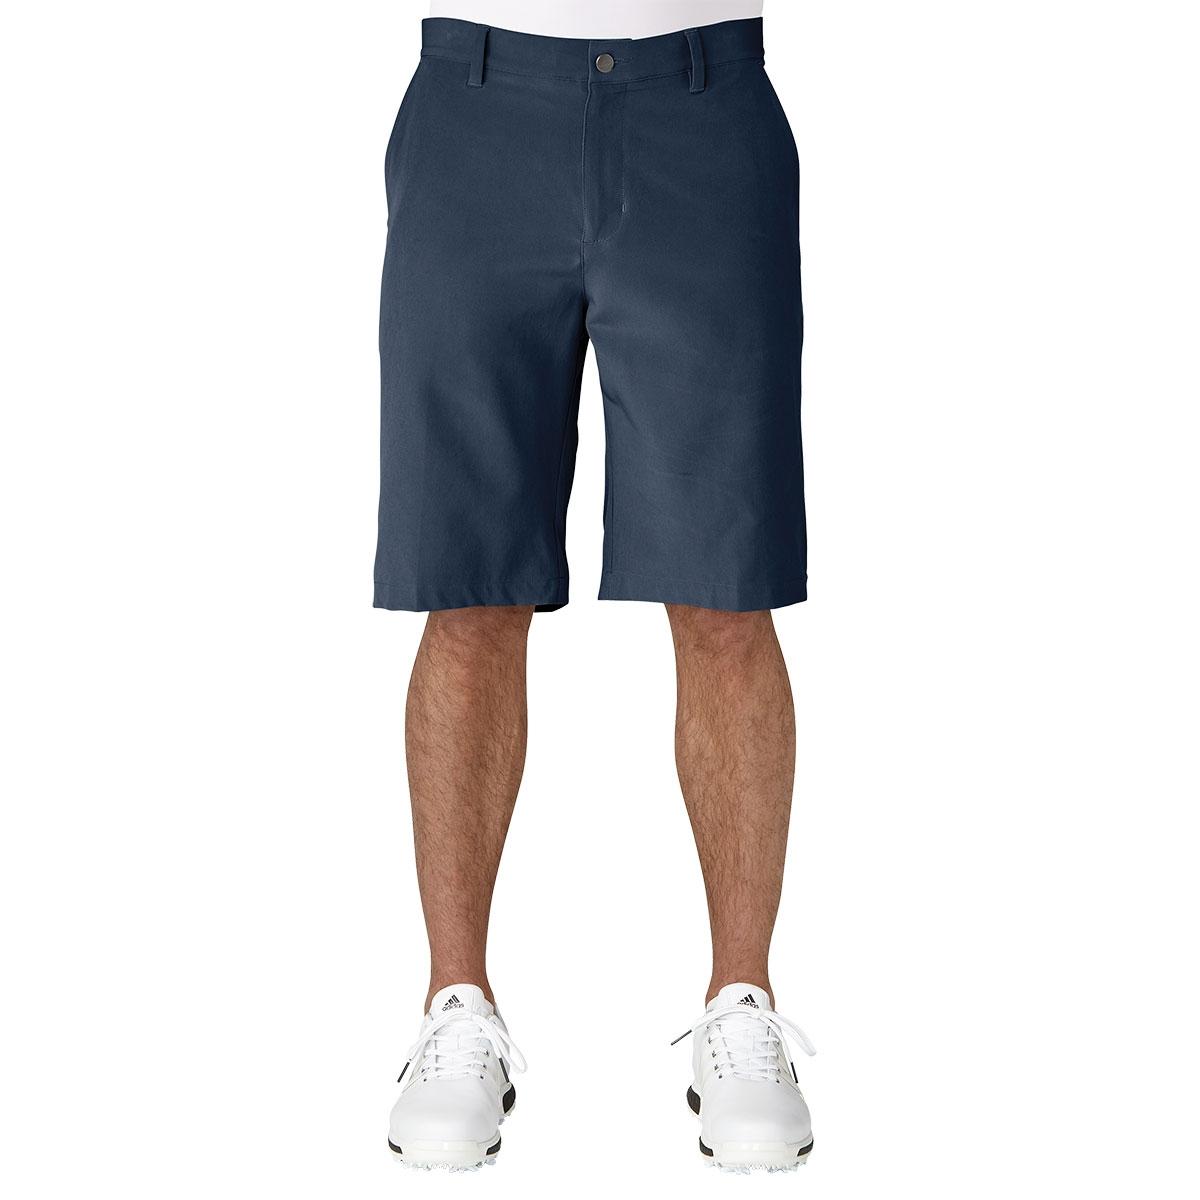 Adidas Mens 2018 Ultimate 365 Navy Short